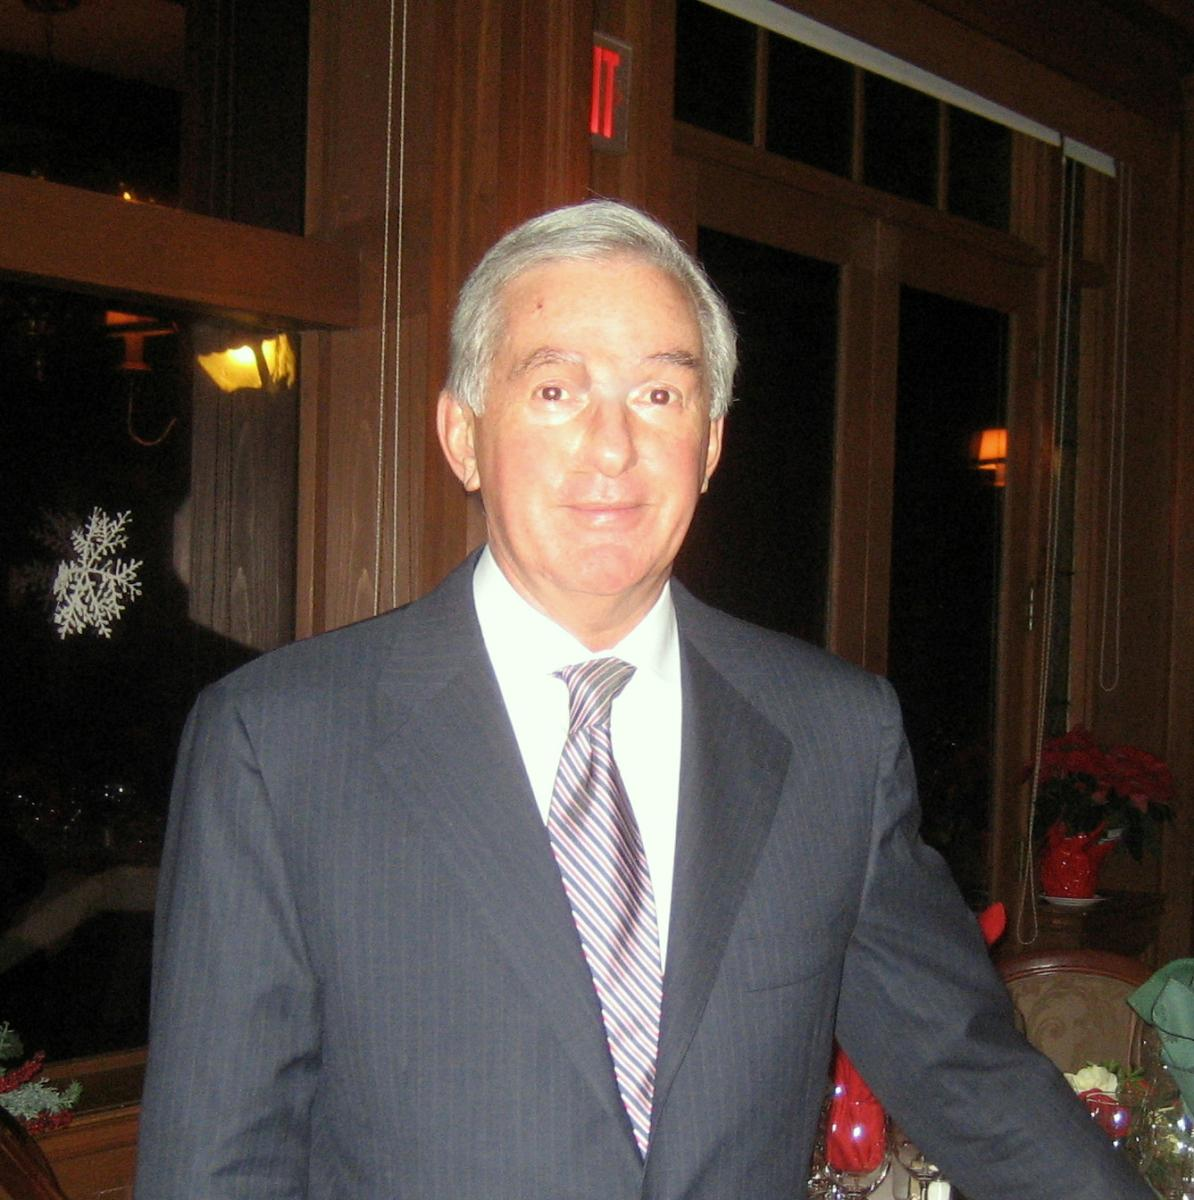 William Meder